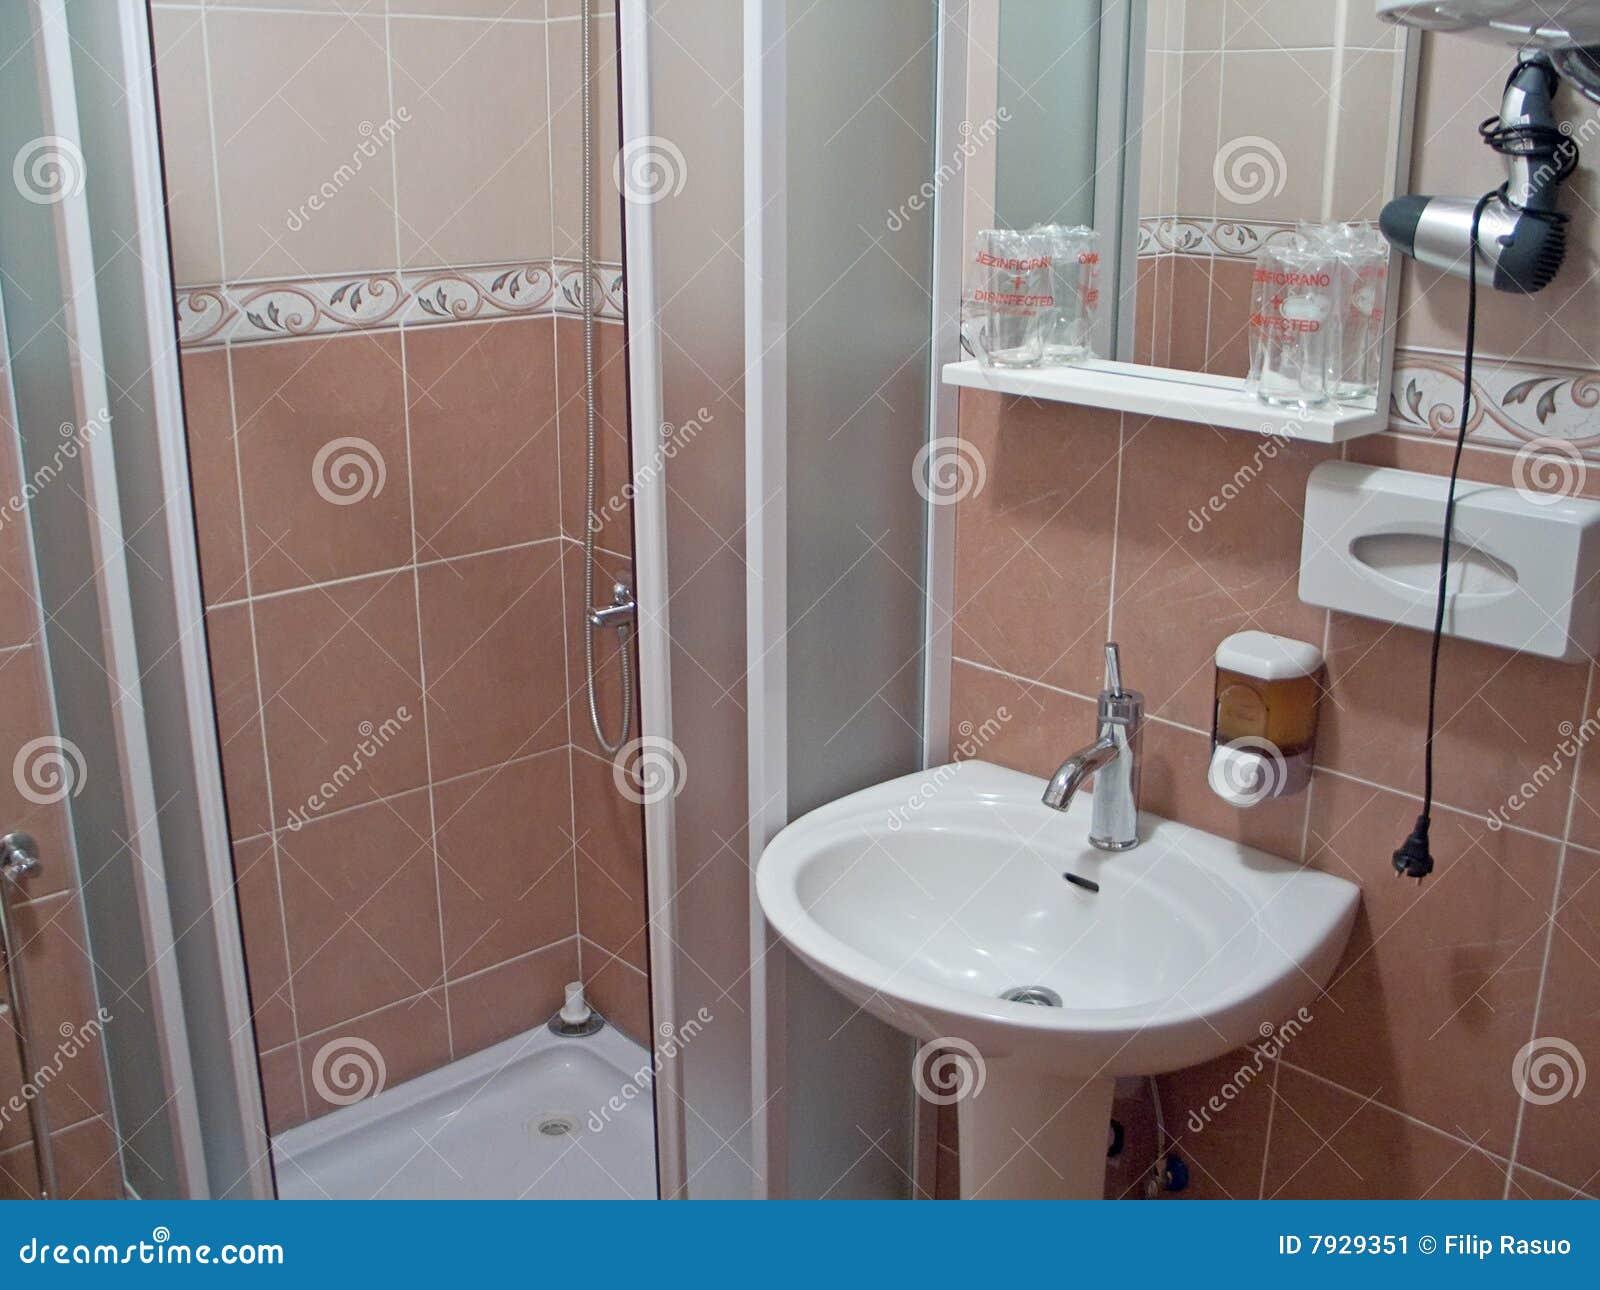 Banheiro Pequeno Imagem de Stock Imagem: 7929351 #6A4B43 1300x1065 Banheiro Com Banheira Pequeno